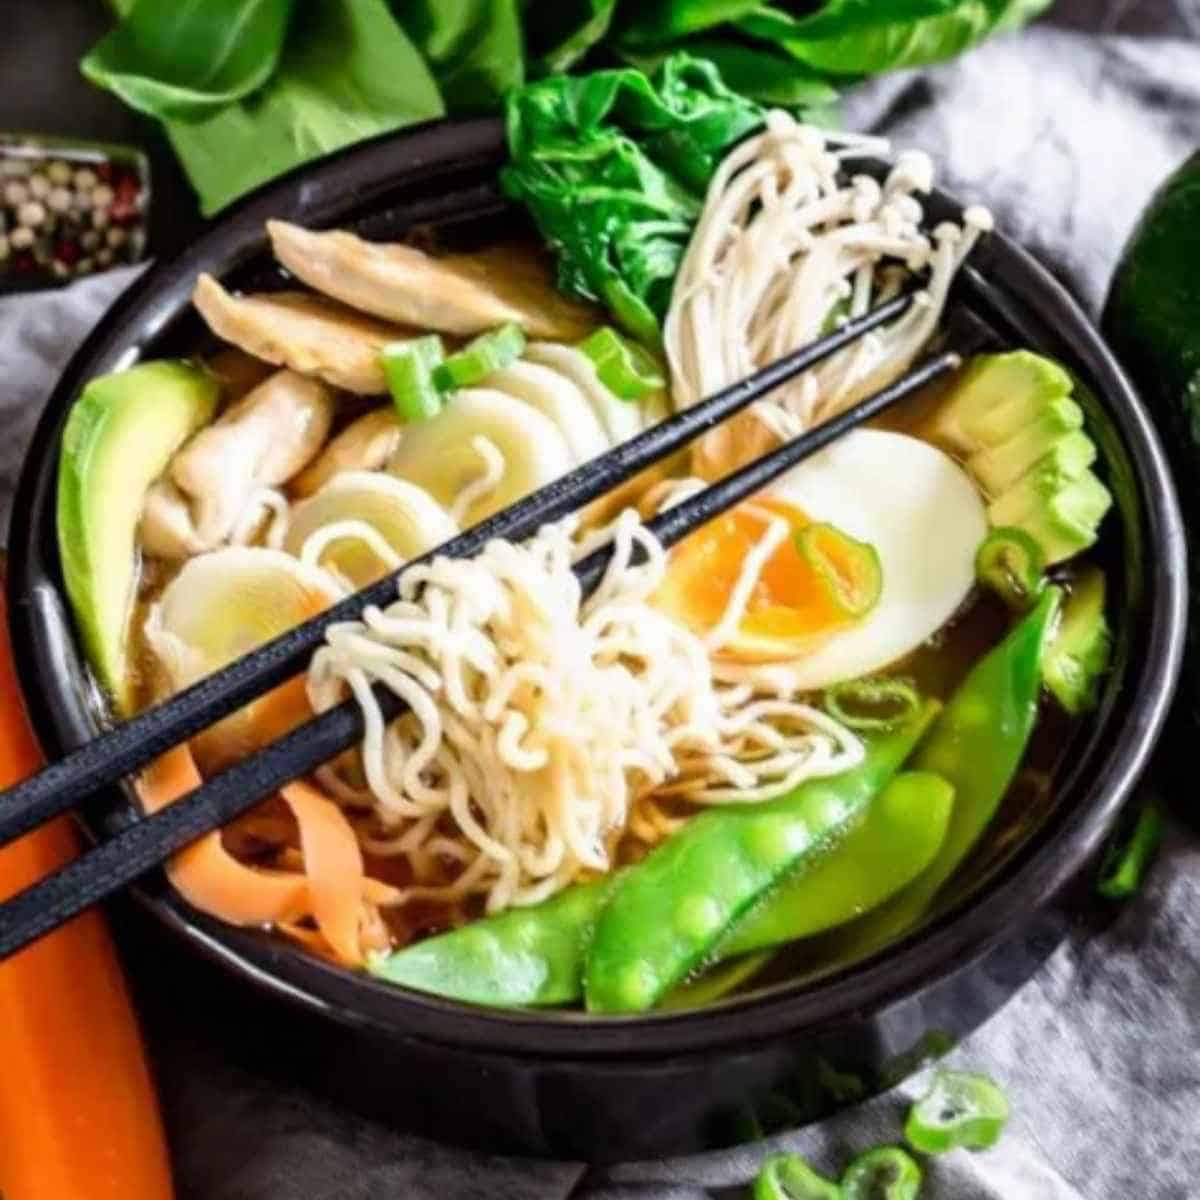 keto ramen chicken noodles - Shirataki: The True Keto Approved Asian Noodle